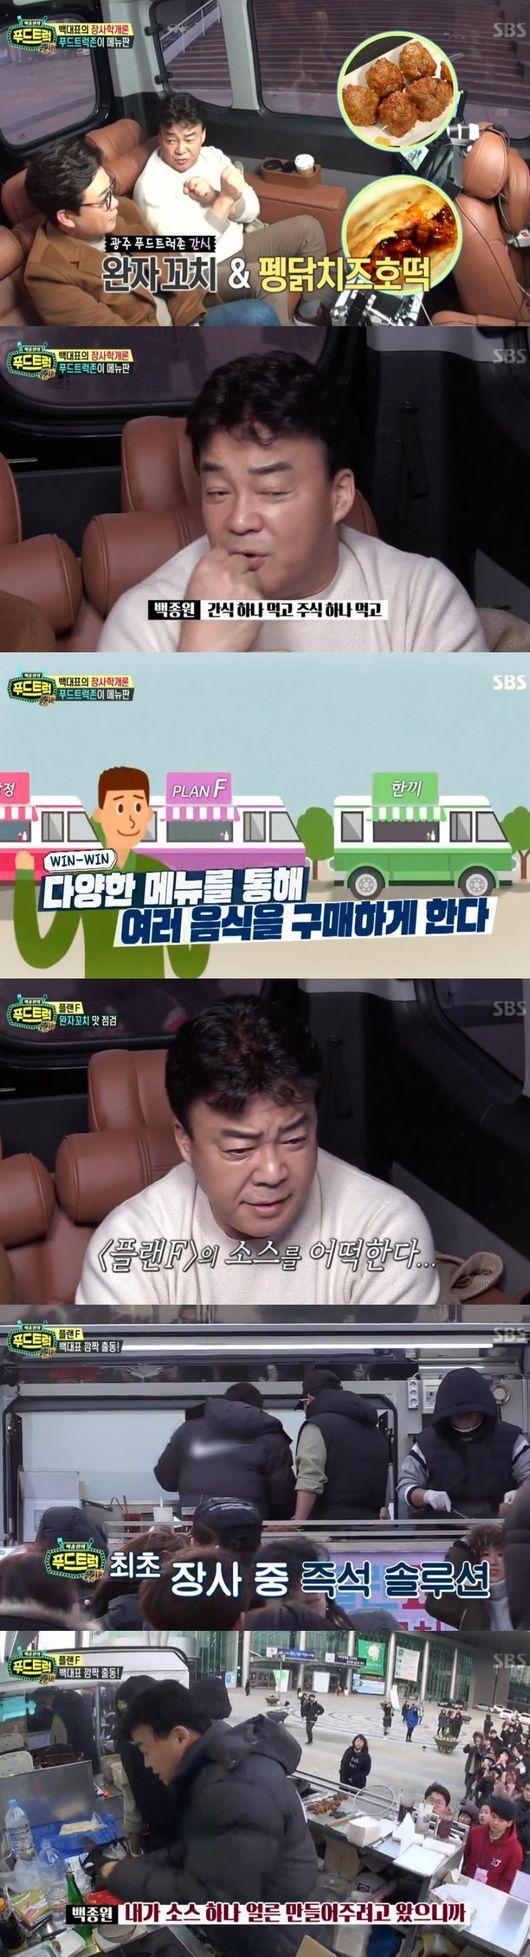 [어저께TV] 종영 '푸드트럭', 아낌없이 다 퍼준 백종원